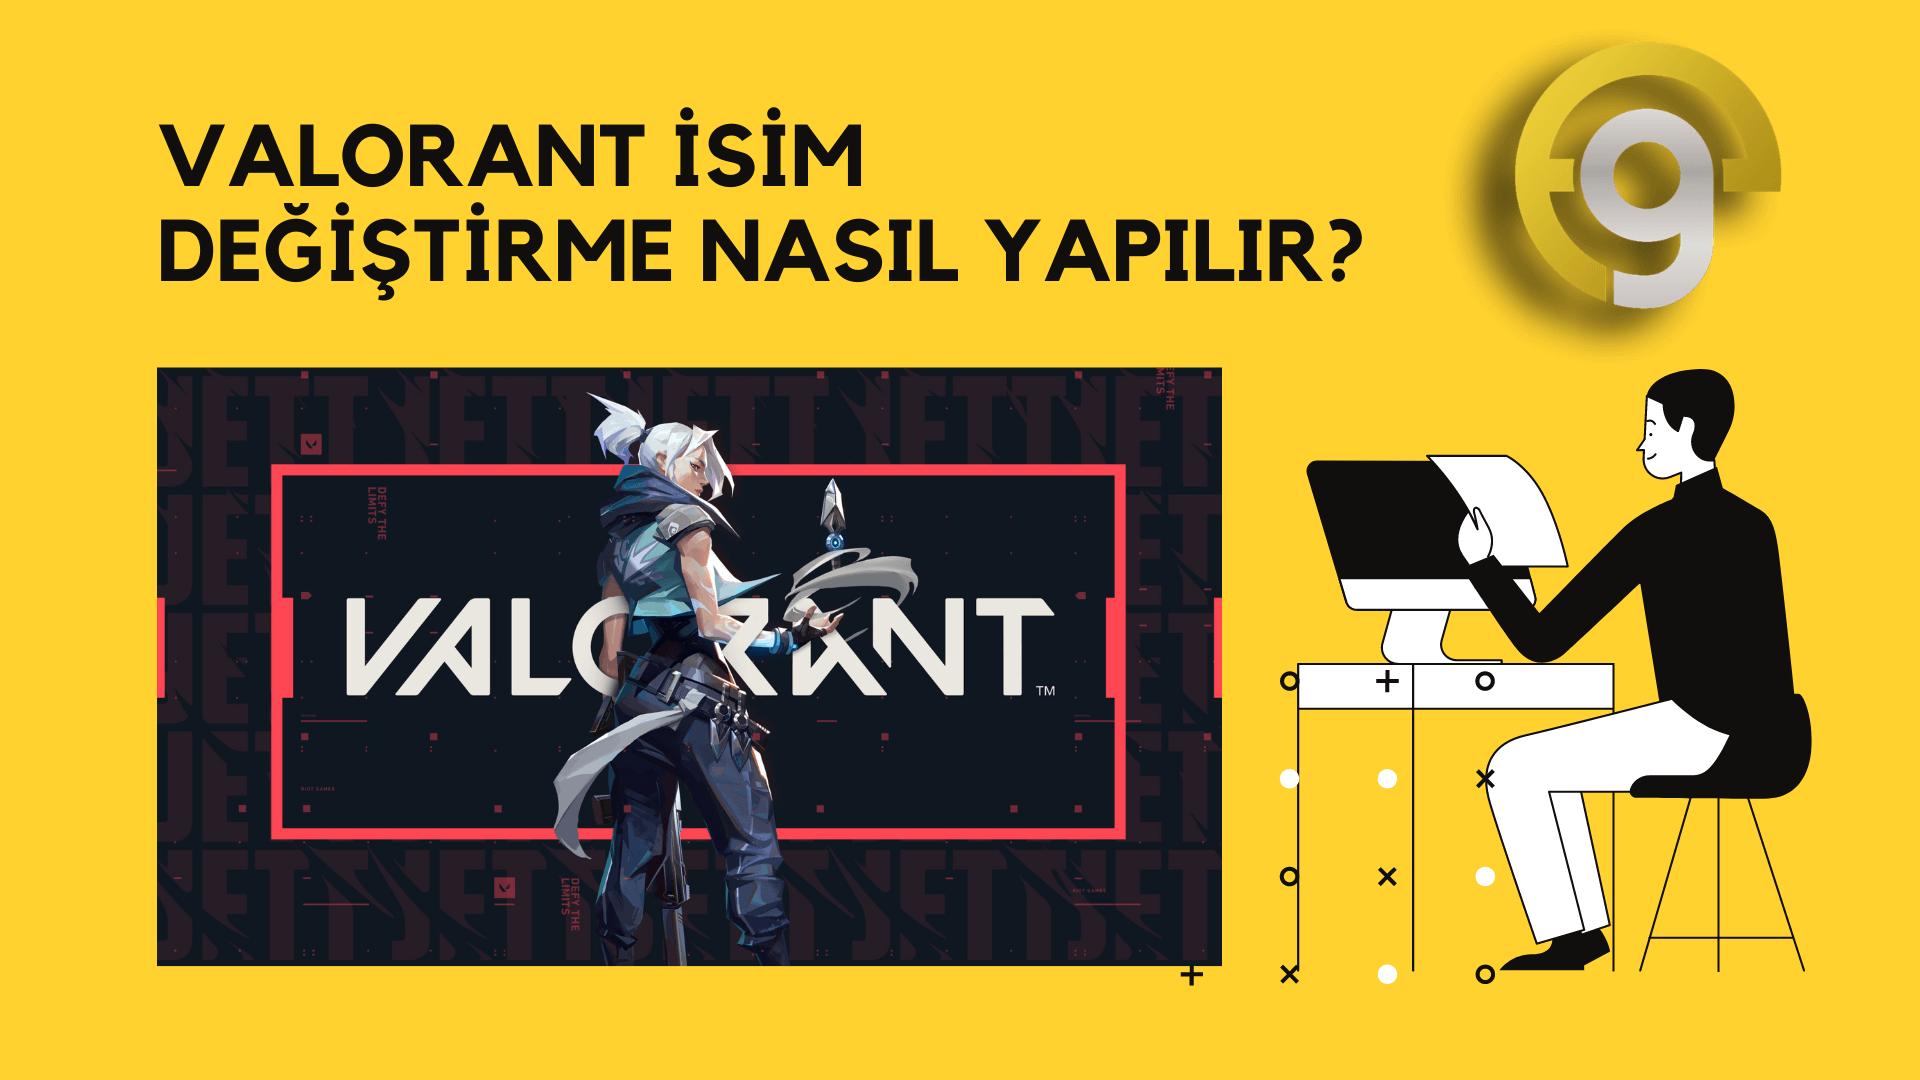 VALORANT ISIM DEGISTIRME NASIL YAPILIR